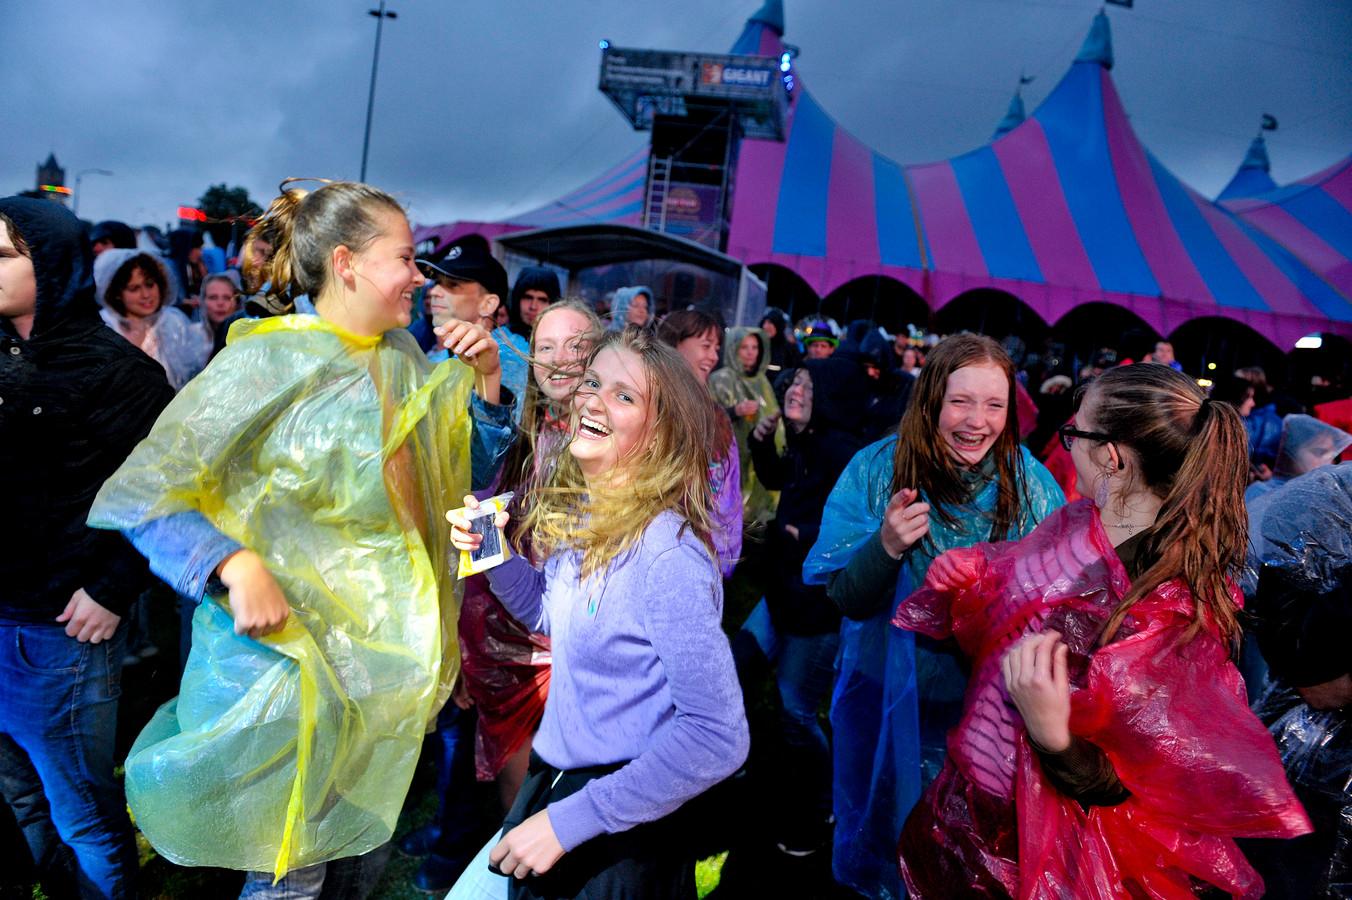 Regen of geen regen, het publiek vermaakt zich.